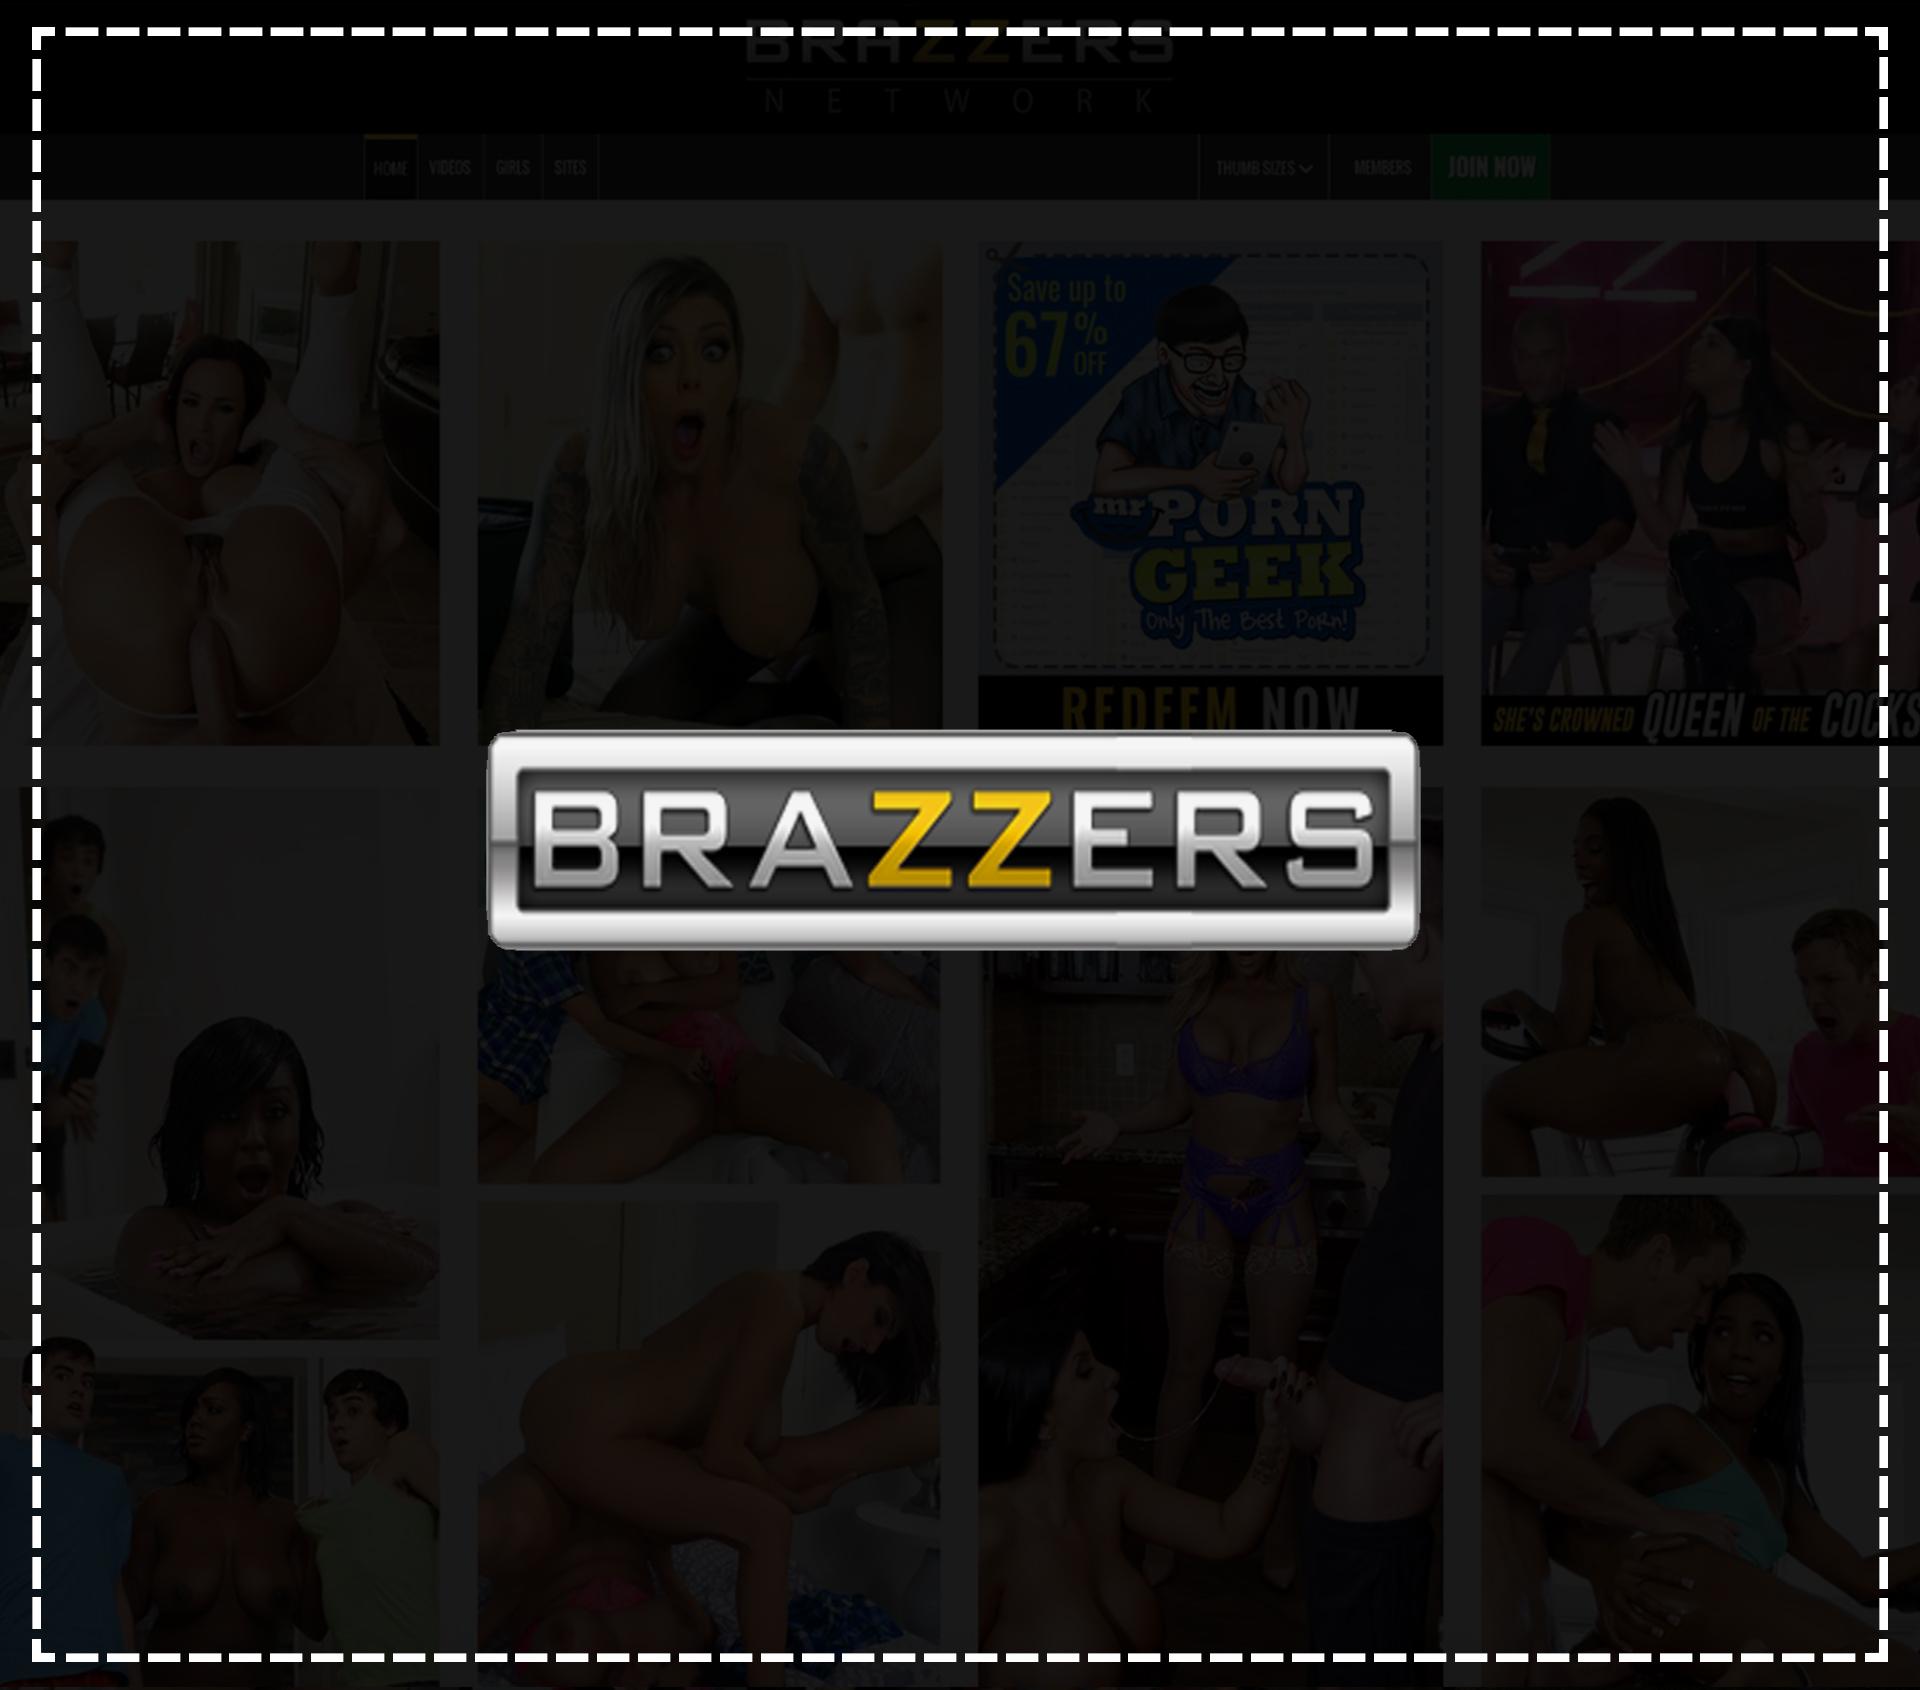 Premium Porn Sites - Brazzers